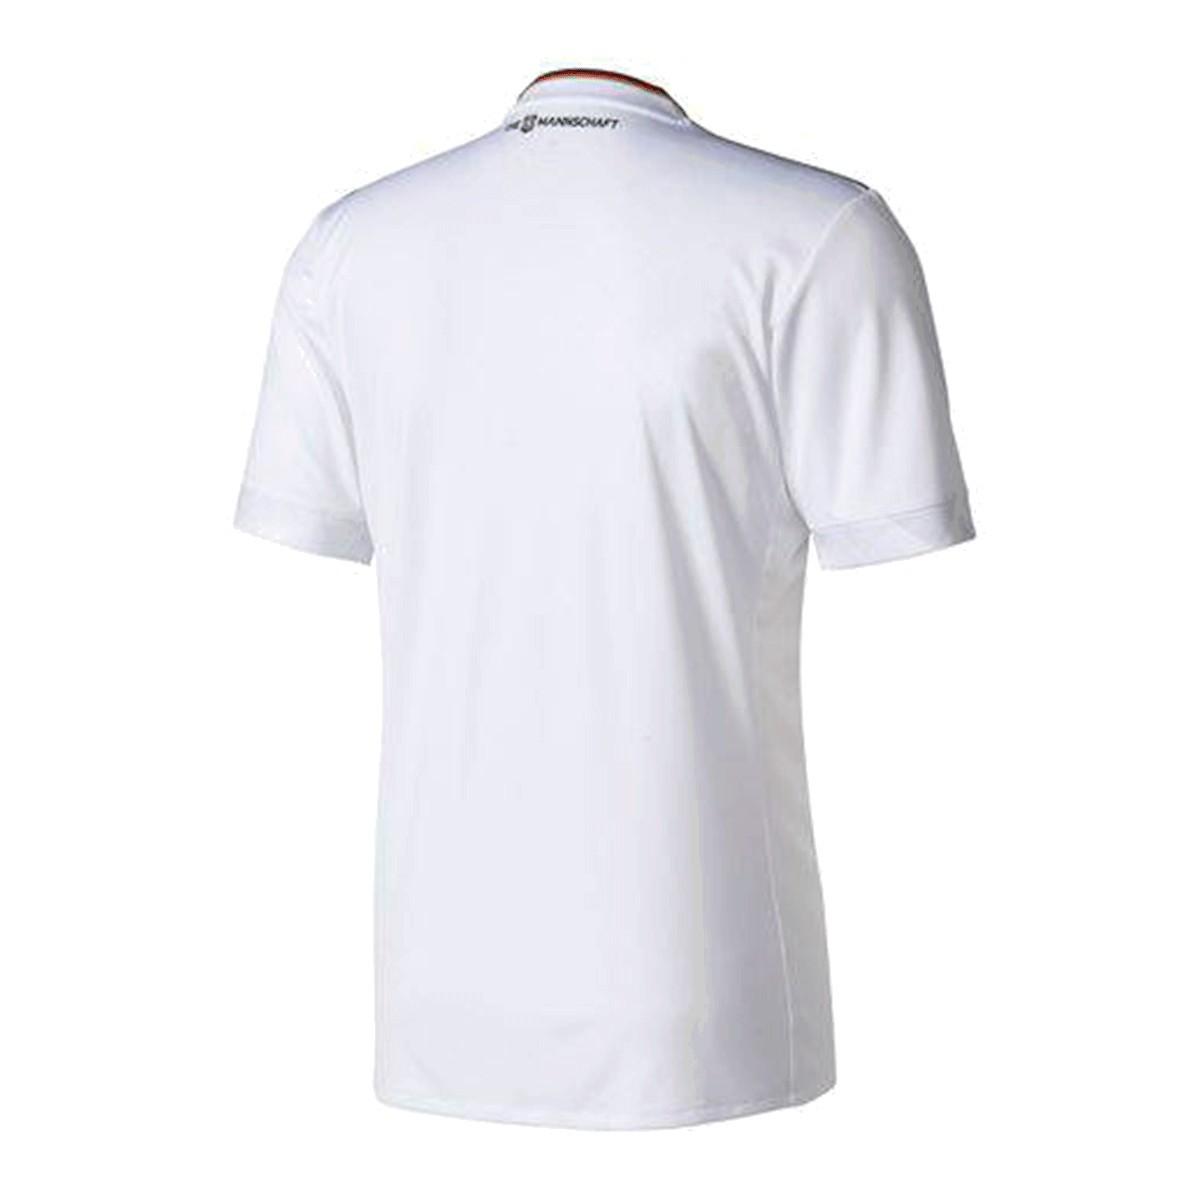 Camisa Alemanha Adidas Home Fifa 2014 2015 - Infantil